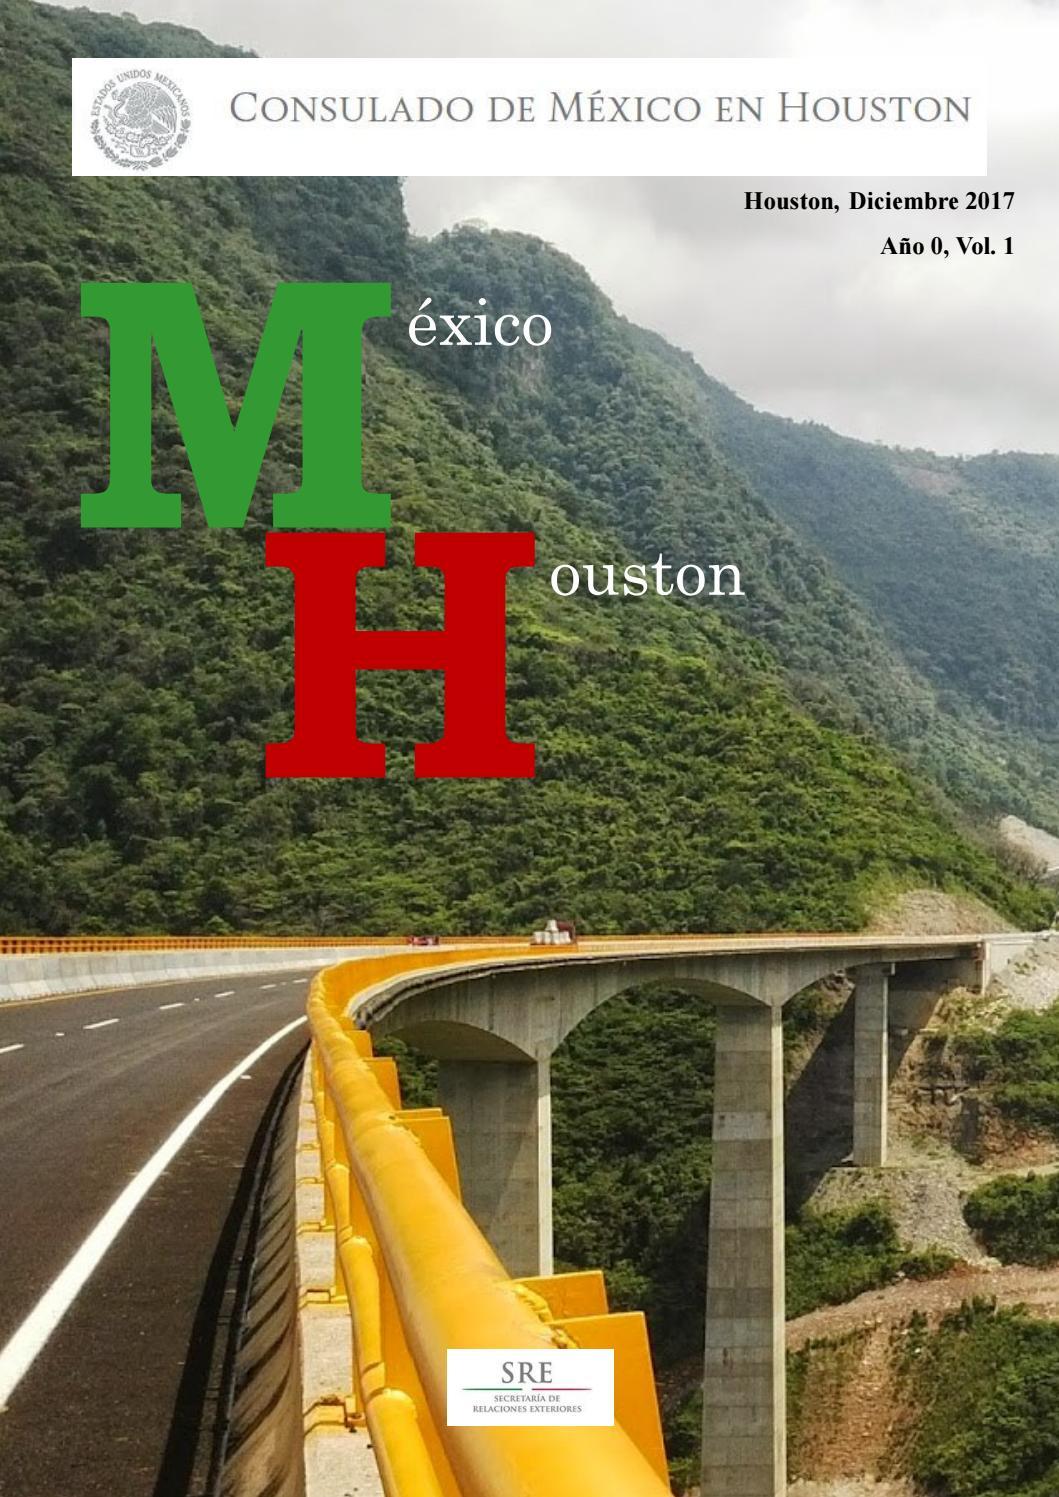 Revista consular diciembre 2016 a0v1 by Prensa Houston - issuu